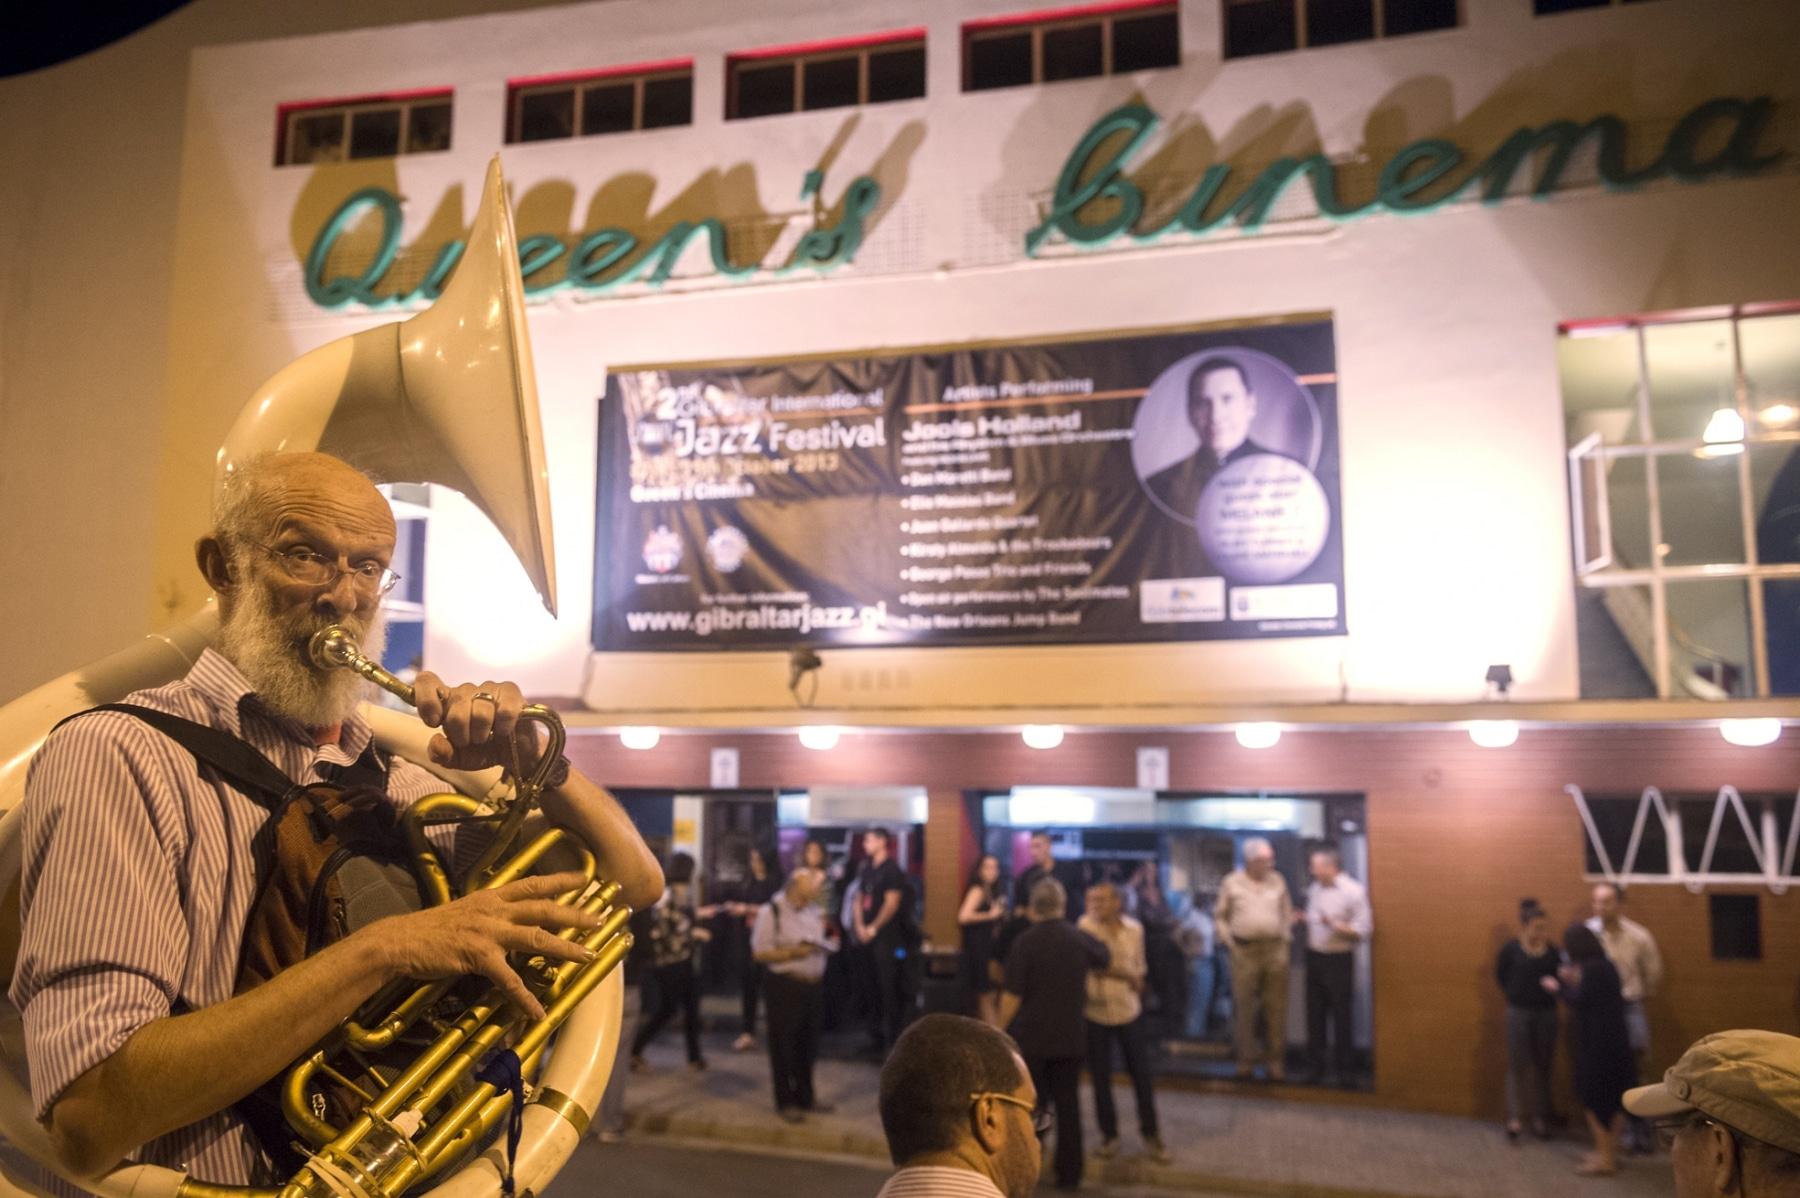 ii-festival-internacional-de-jazz-gibraltar05_10382618283_o